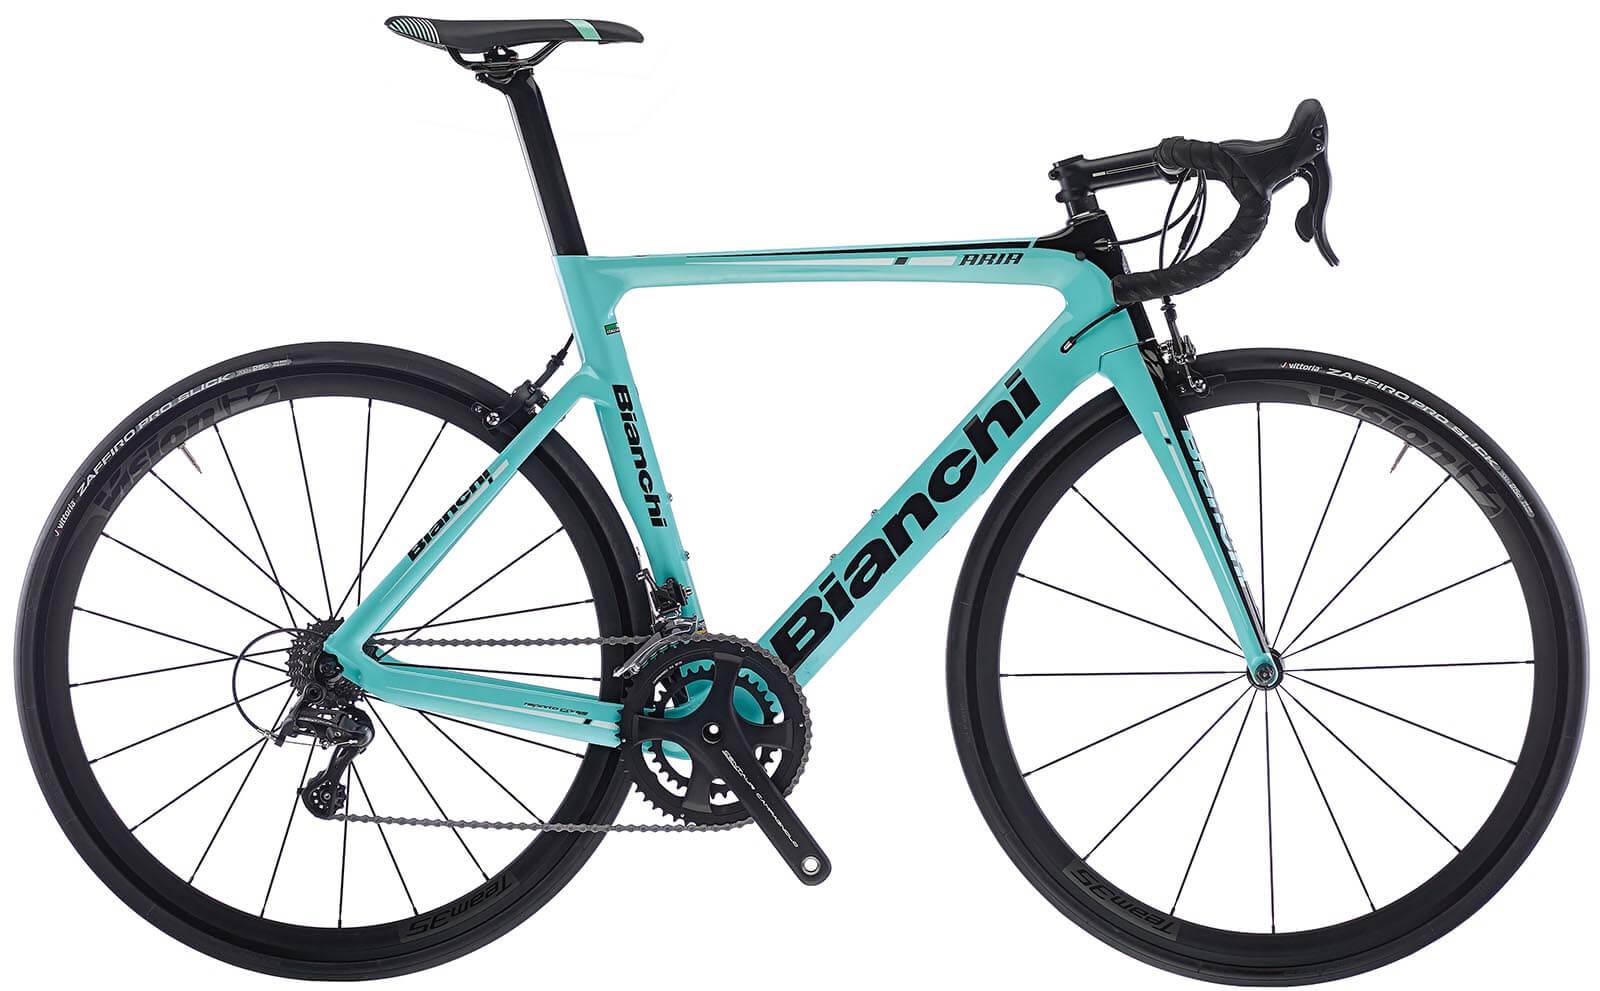 Bianchi Aria mit Campa Potenza und leichten Hochprofil Laufräder